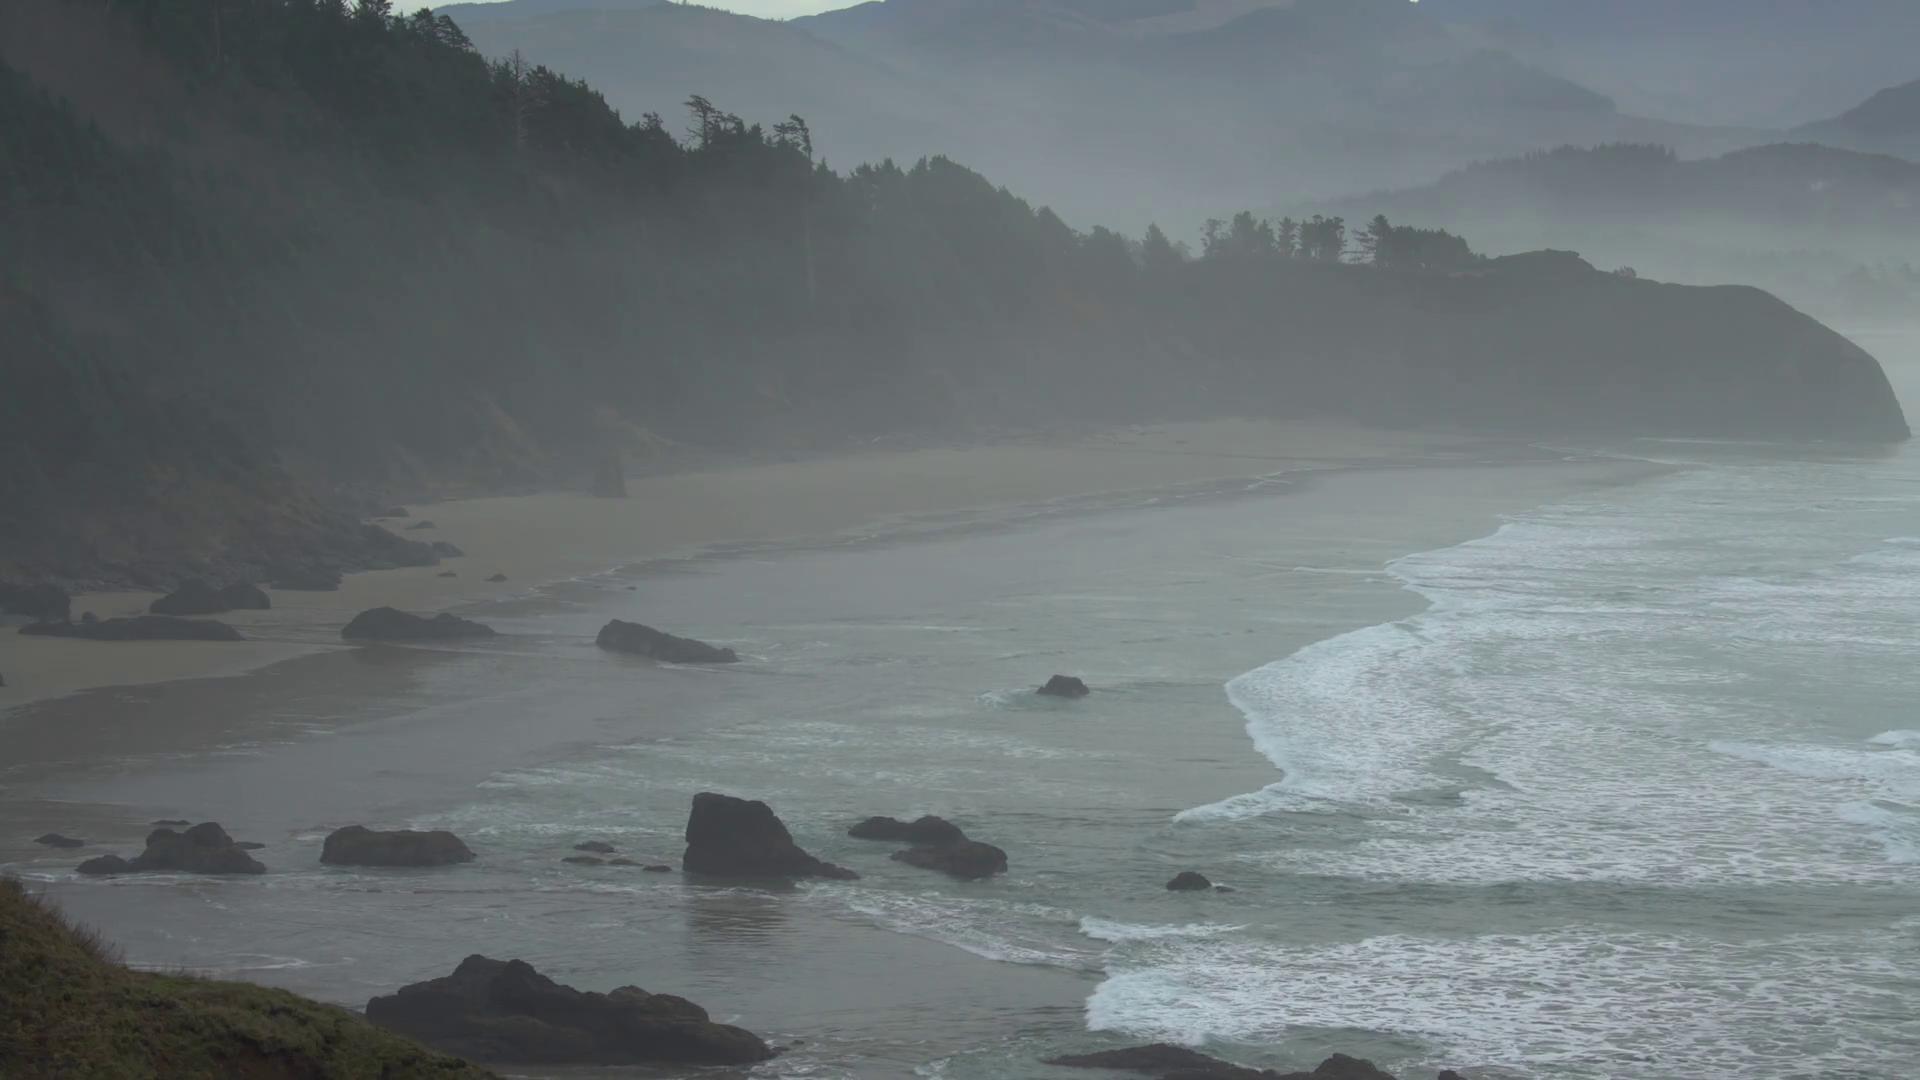 Sea Salt Haze from Breaking Waves. Sea salt haze from breaking waves ...